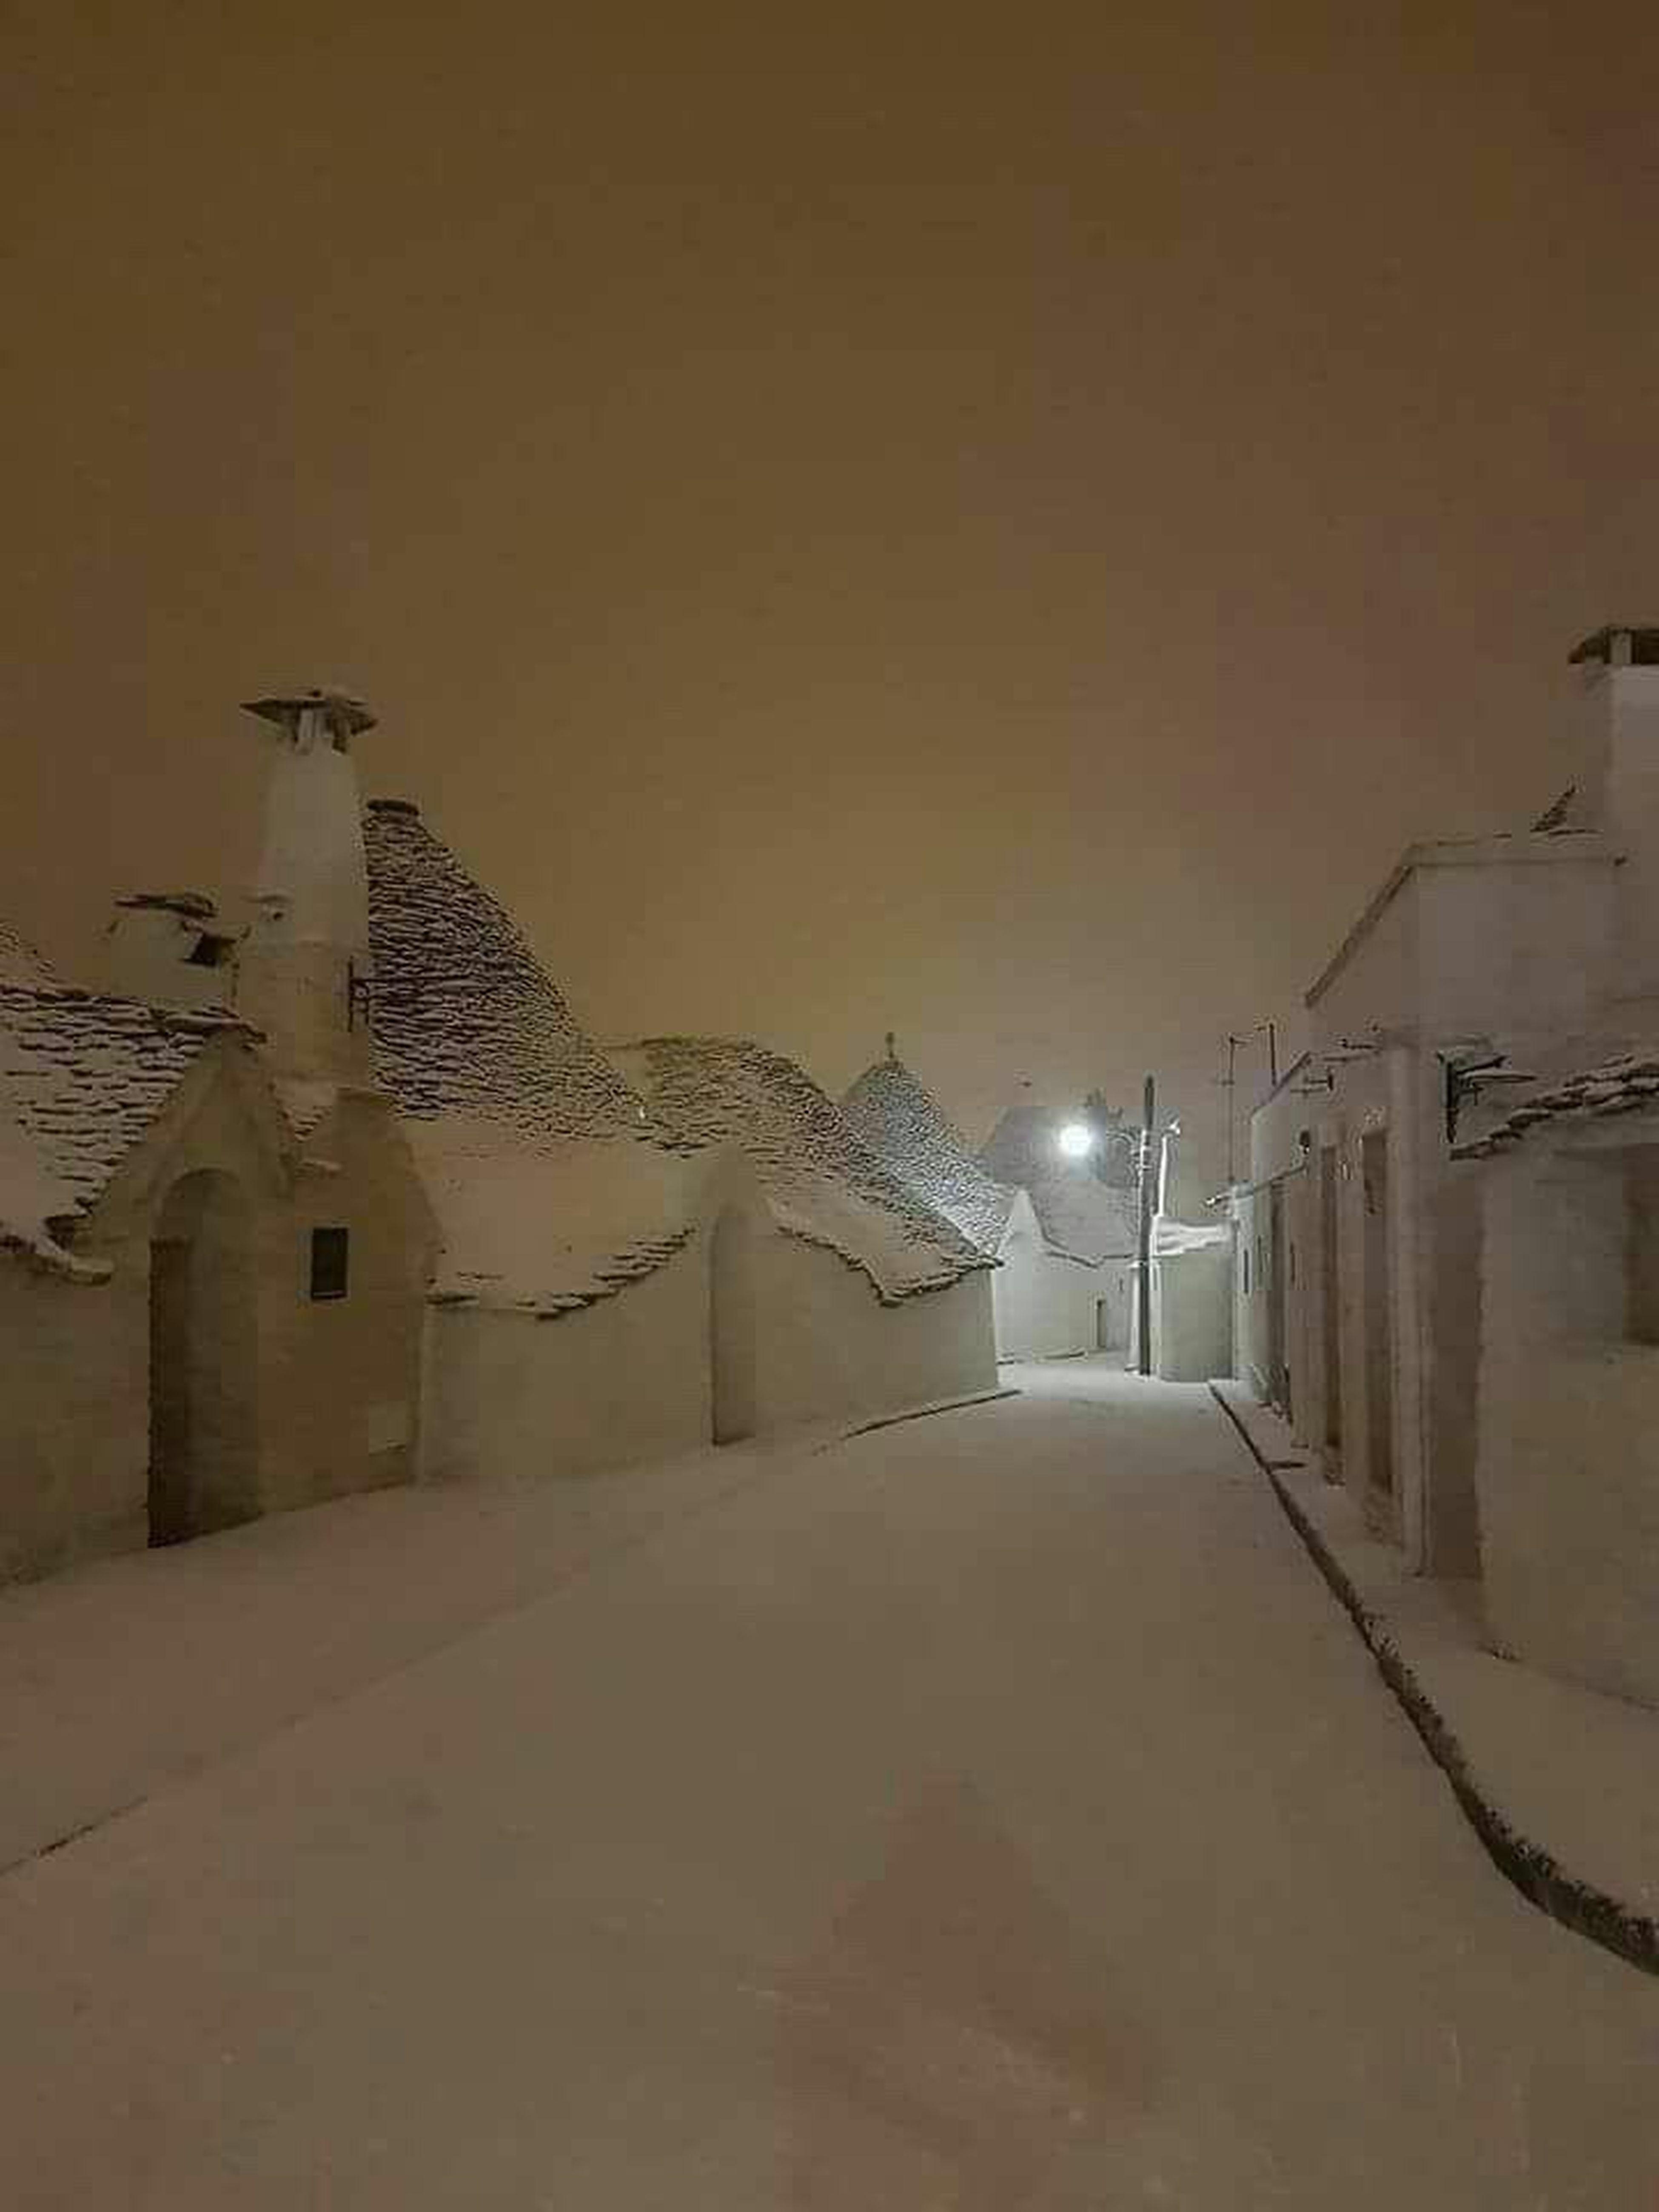 Night Winter Illuminated House